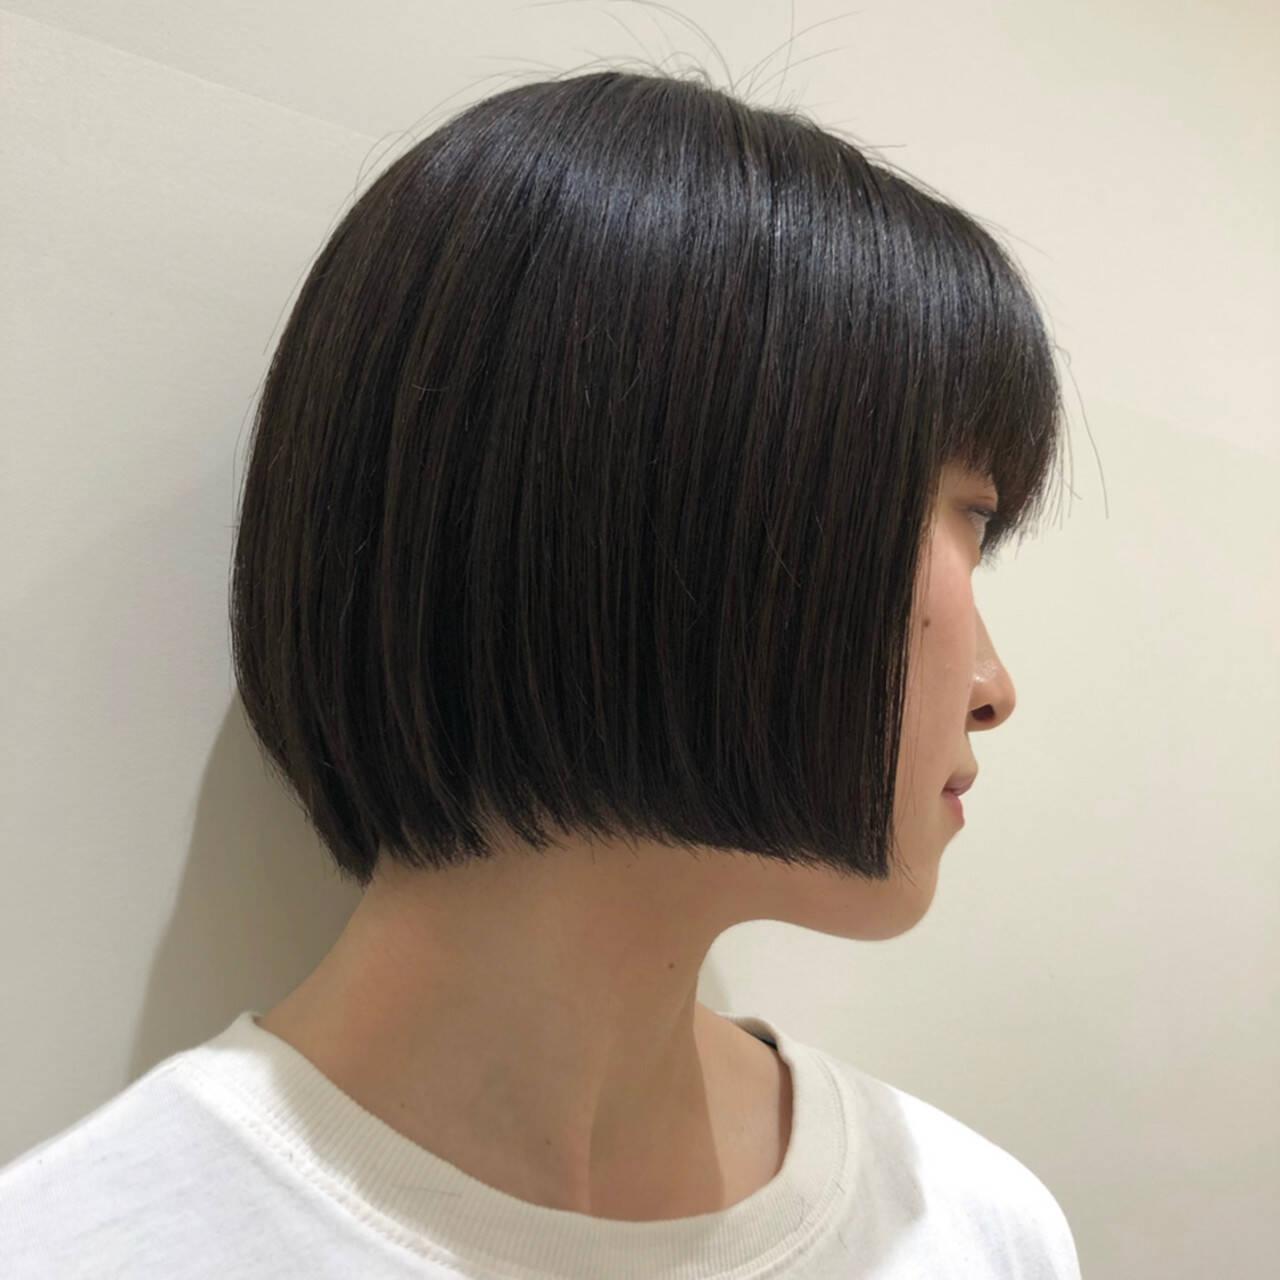 ボブ ショートヘア ミニボブ 小顔ショートヘアスタイルや髪型の写真・画像